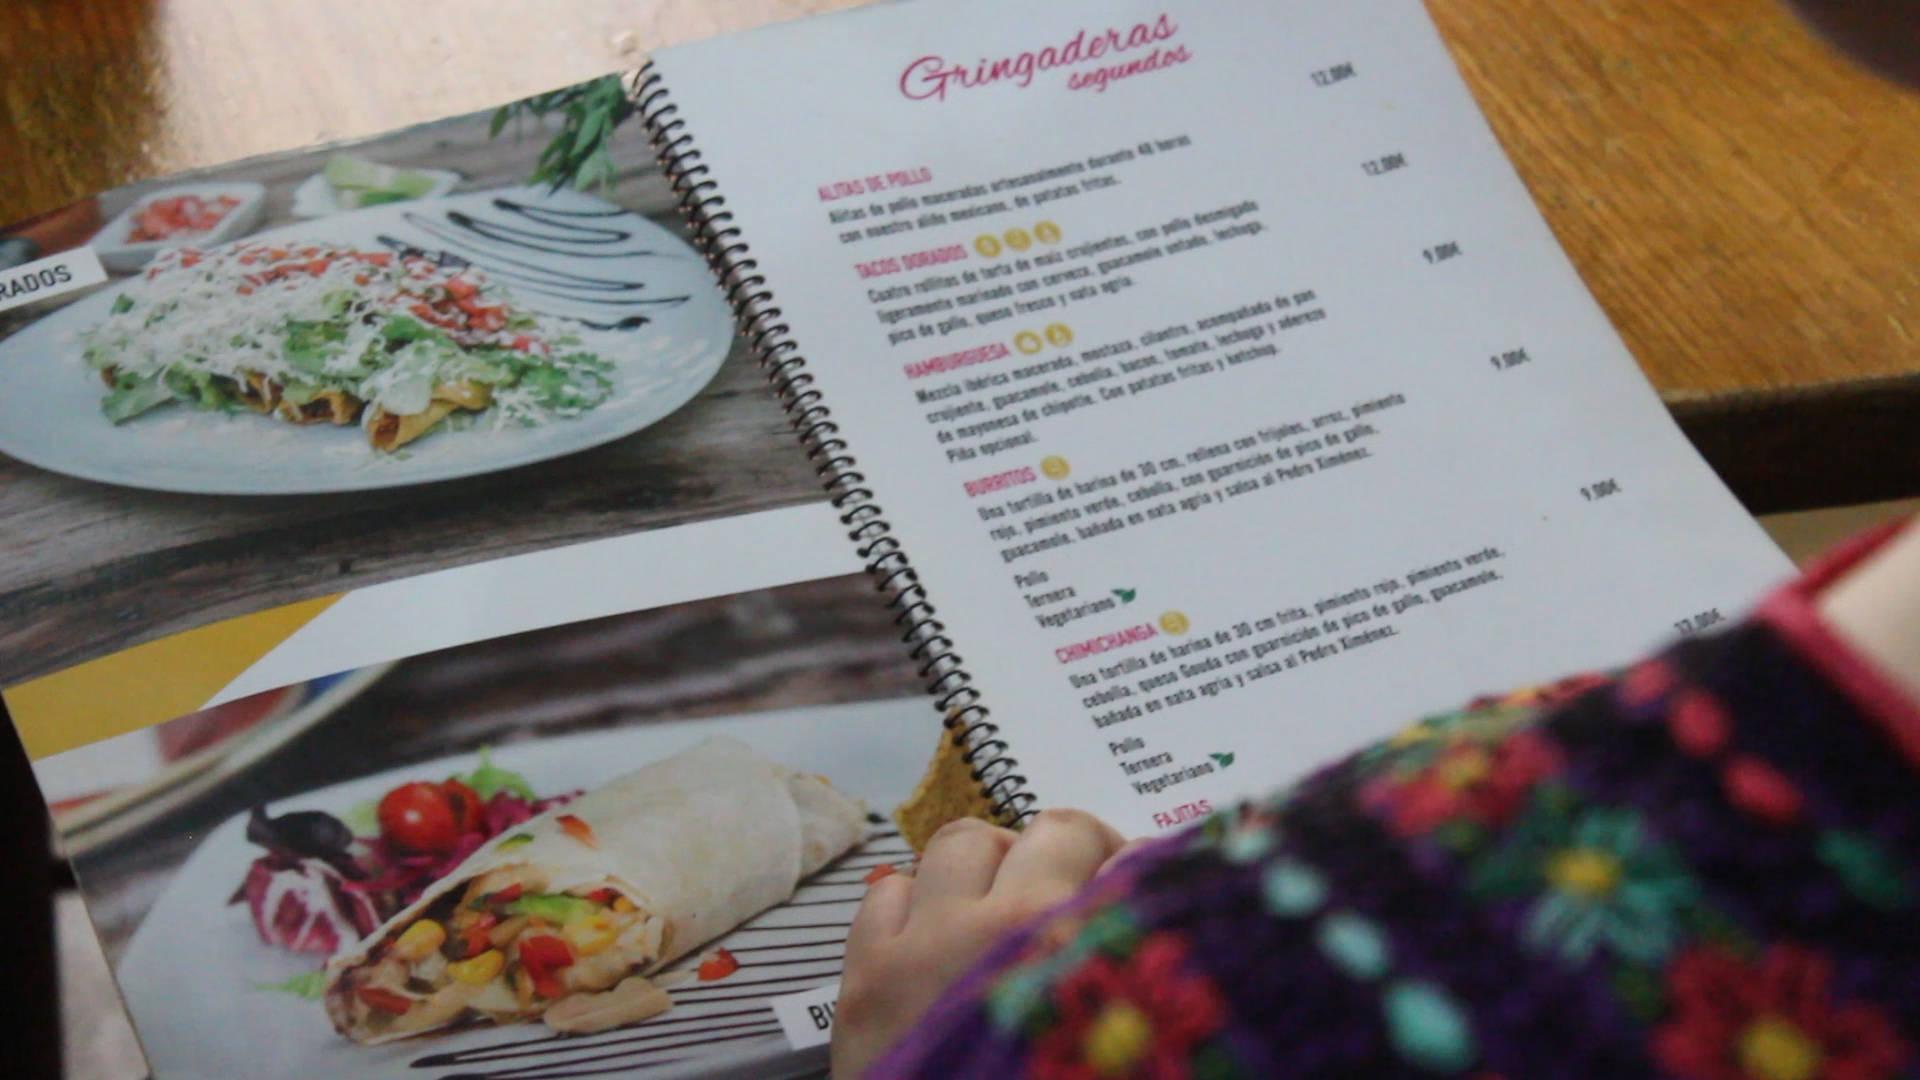 El restaurante mexicano cuenta con cinco establecimientos, tres en Madrid y dos en Valencia.